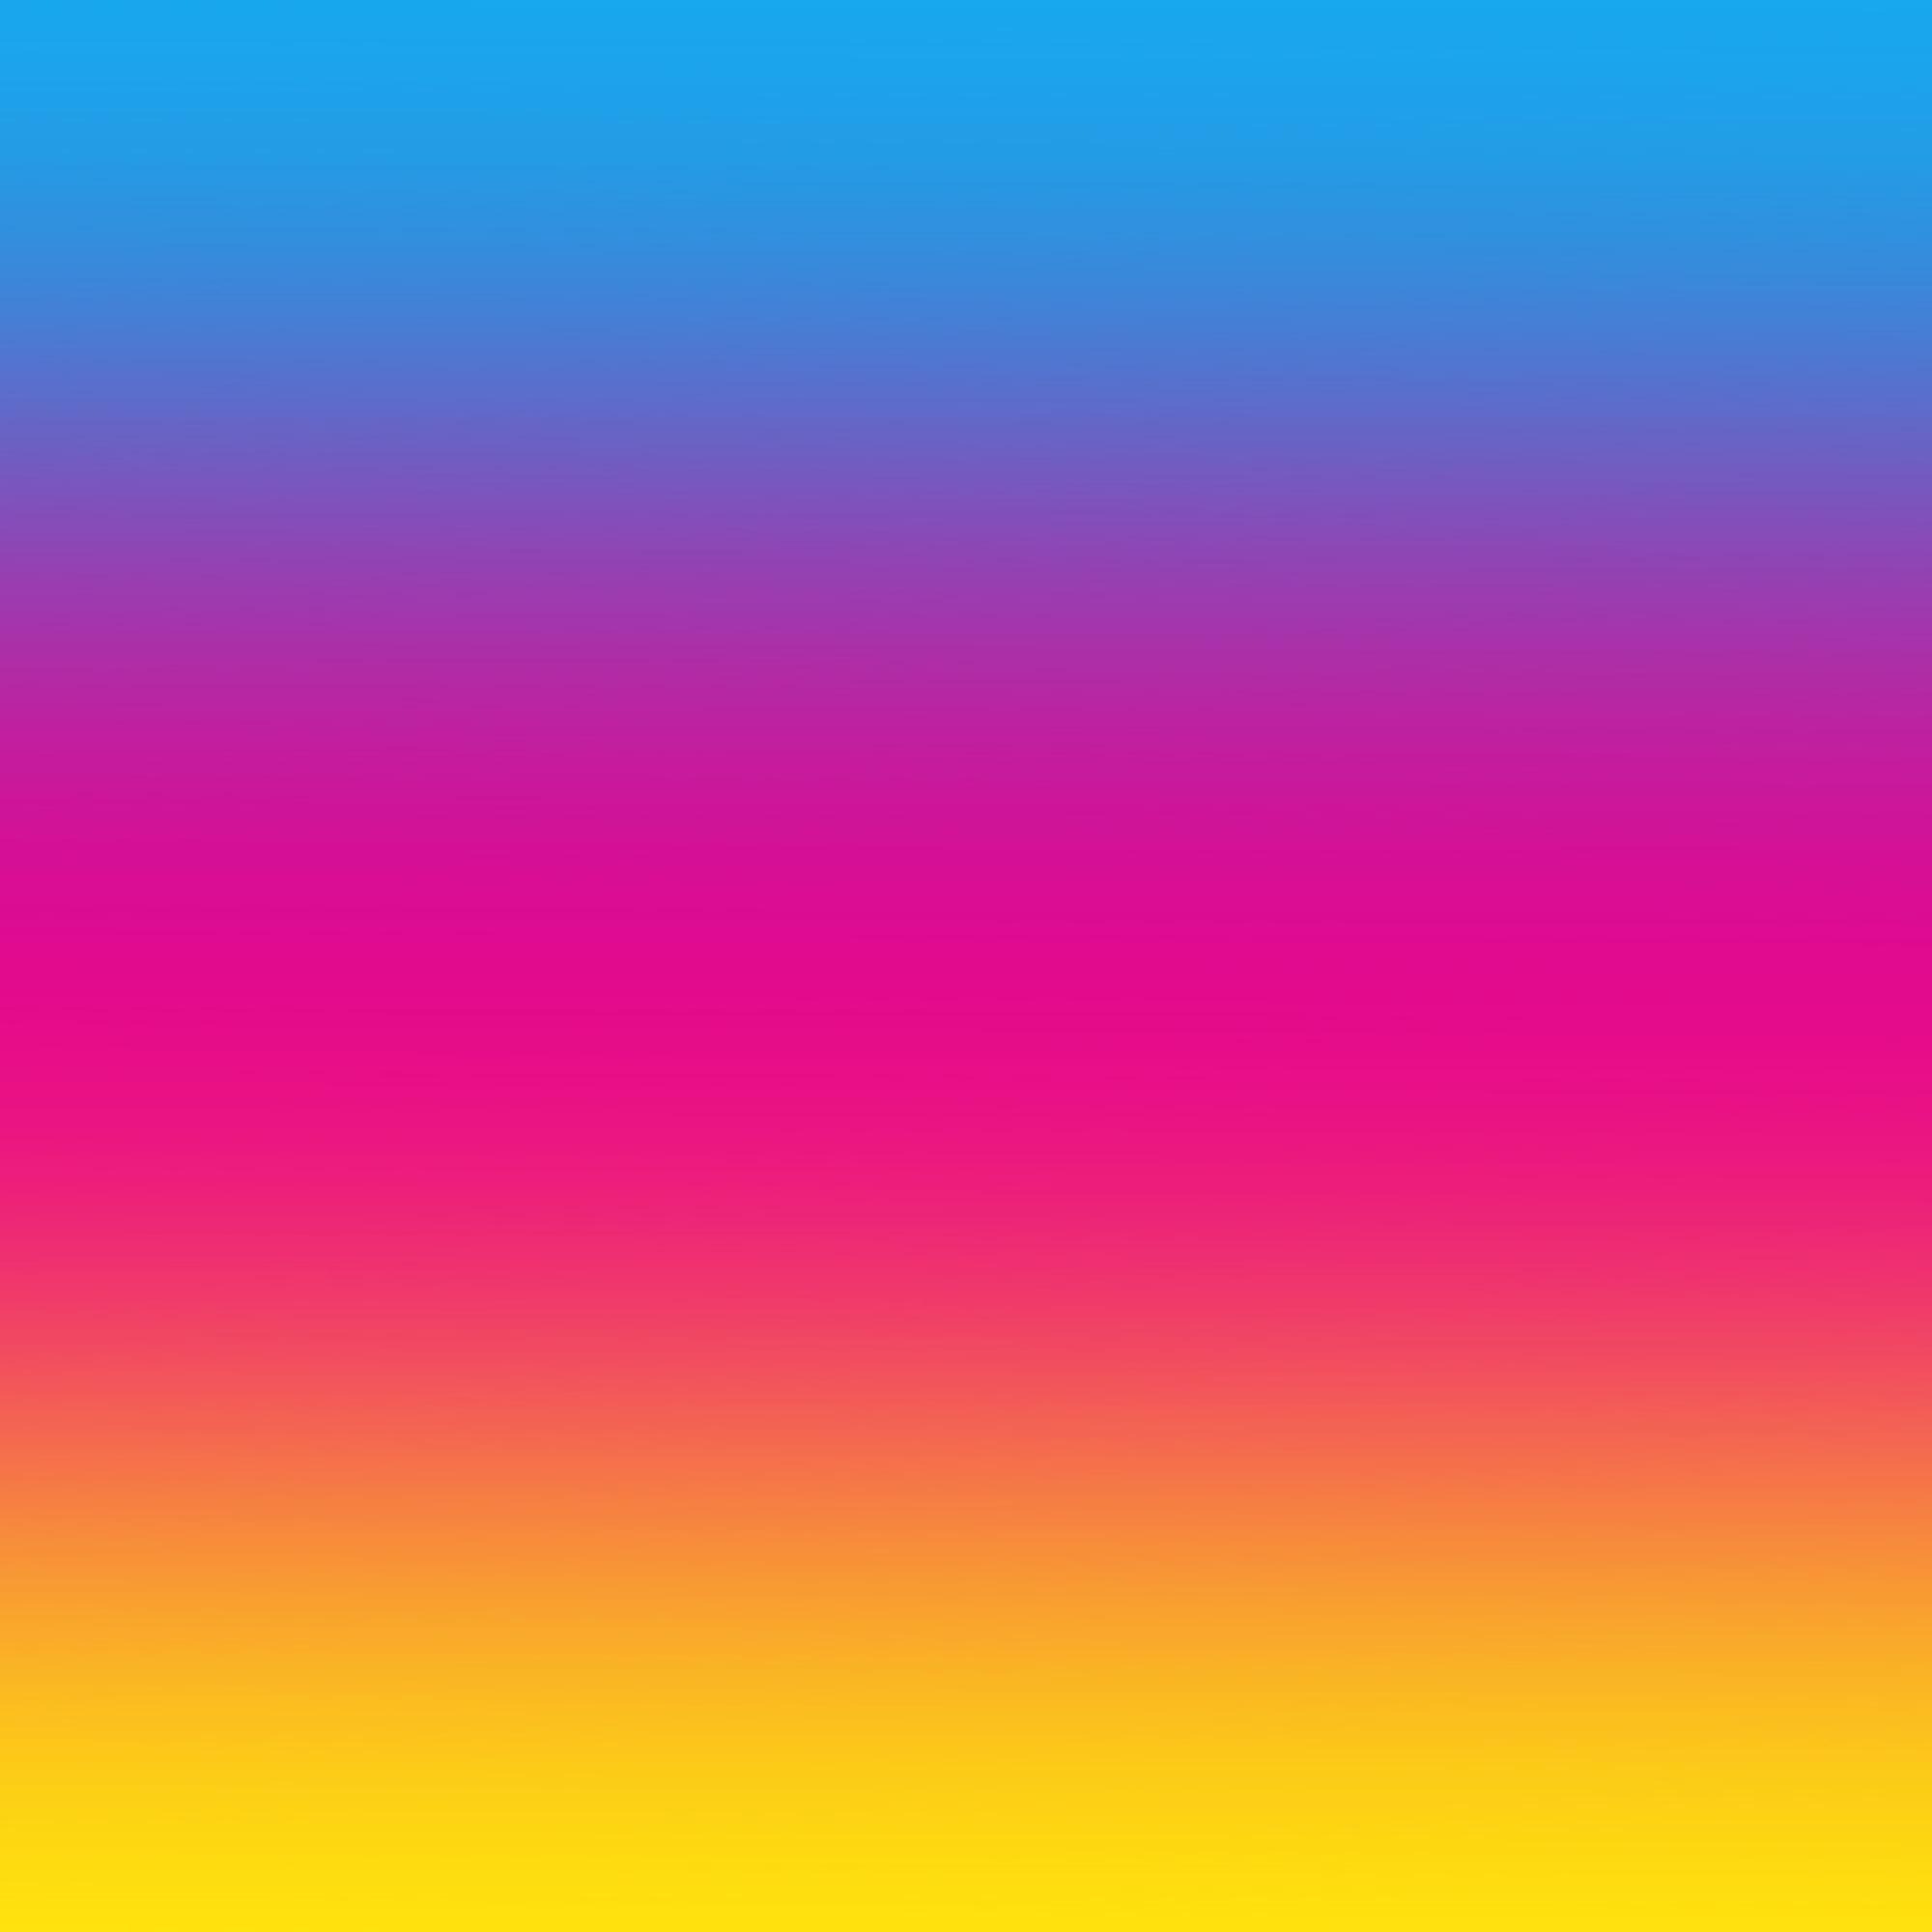 Work In Progress — CMY.Gradient.#graphics #design #agencylife #graphicdesigner #graphicdesign #igers #igersoftheday #designer #graphicdesign #art #artdirection  #grafik #Branding #brandingagency #gradient